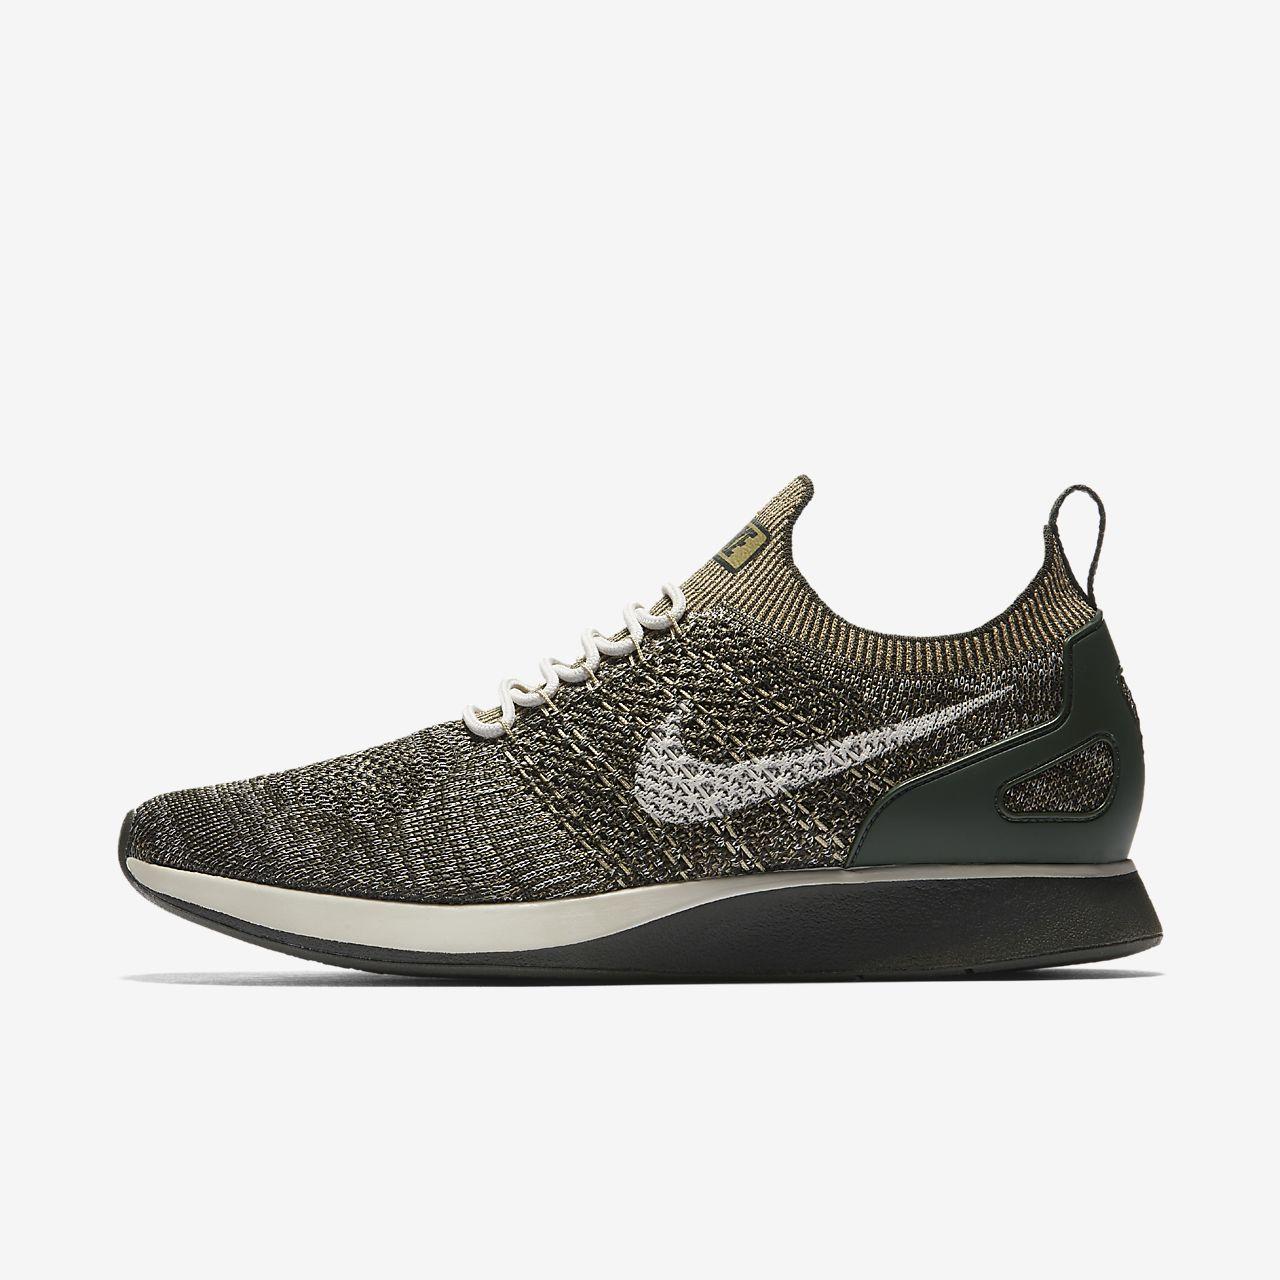 Metcon Dsx 2 Flyknit Et Chaussures De Sport Caoutchouc - Charbon Nike vwIANp